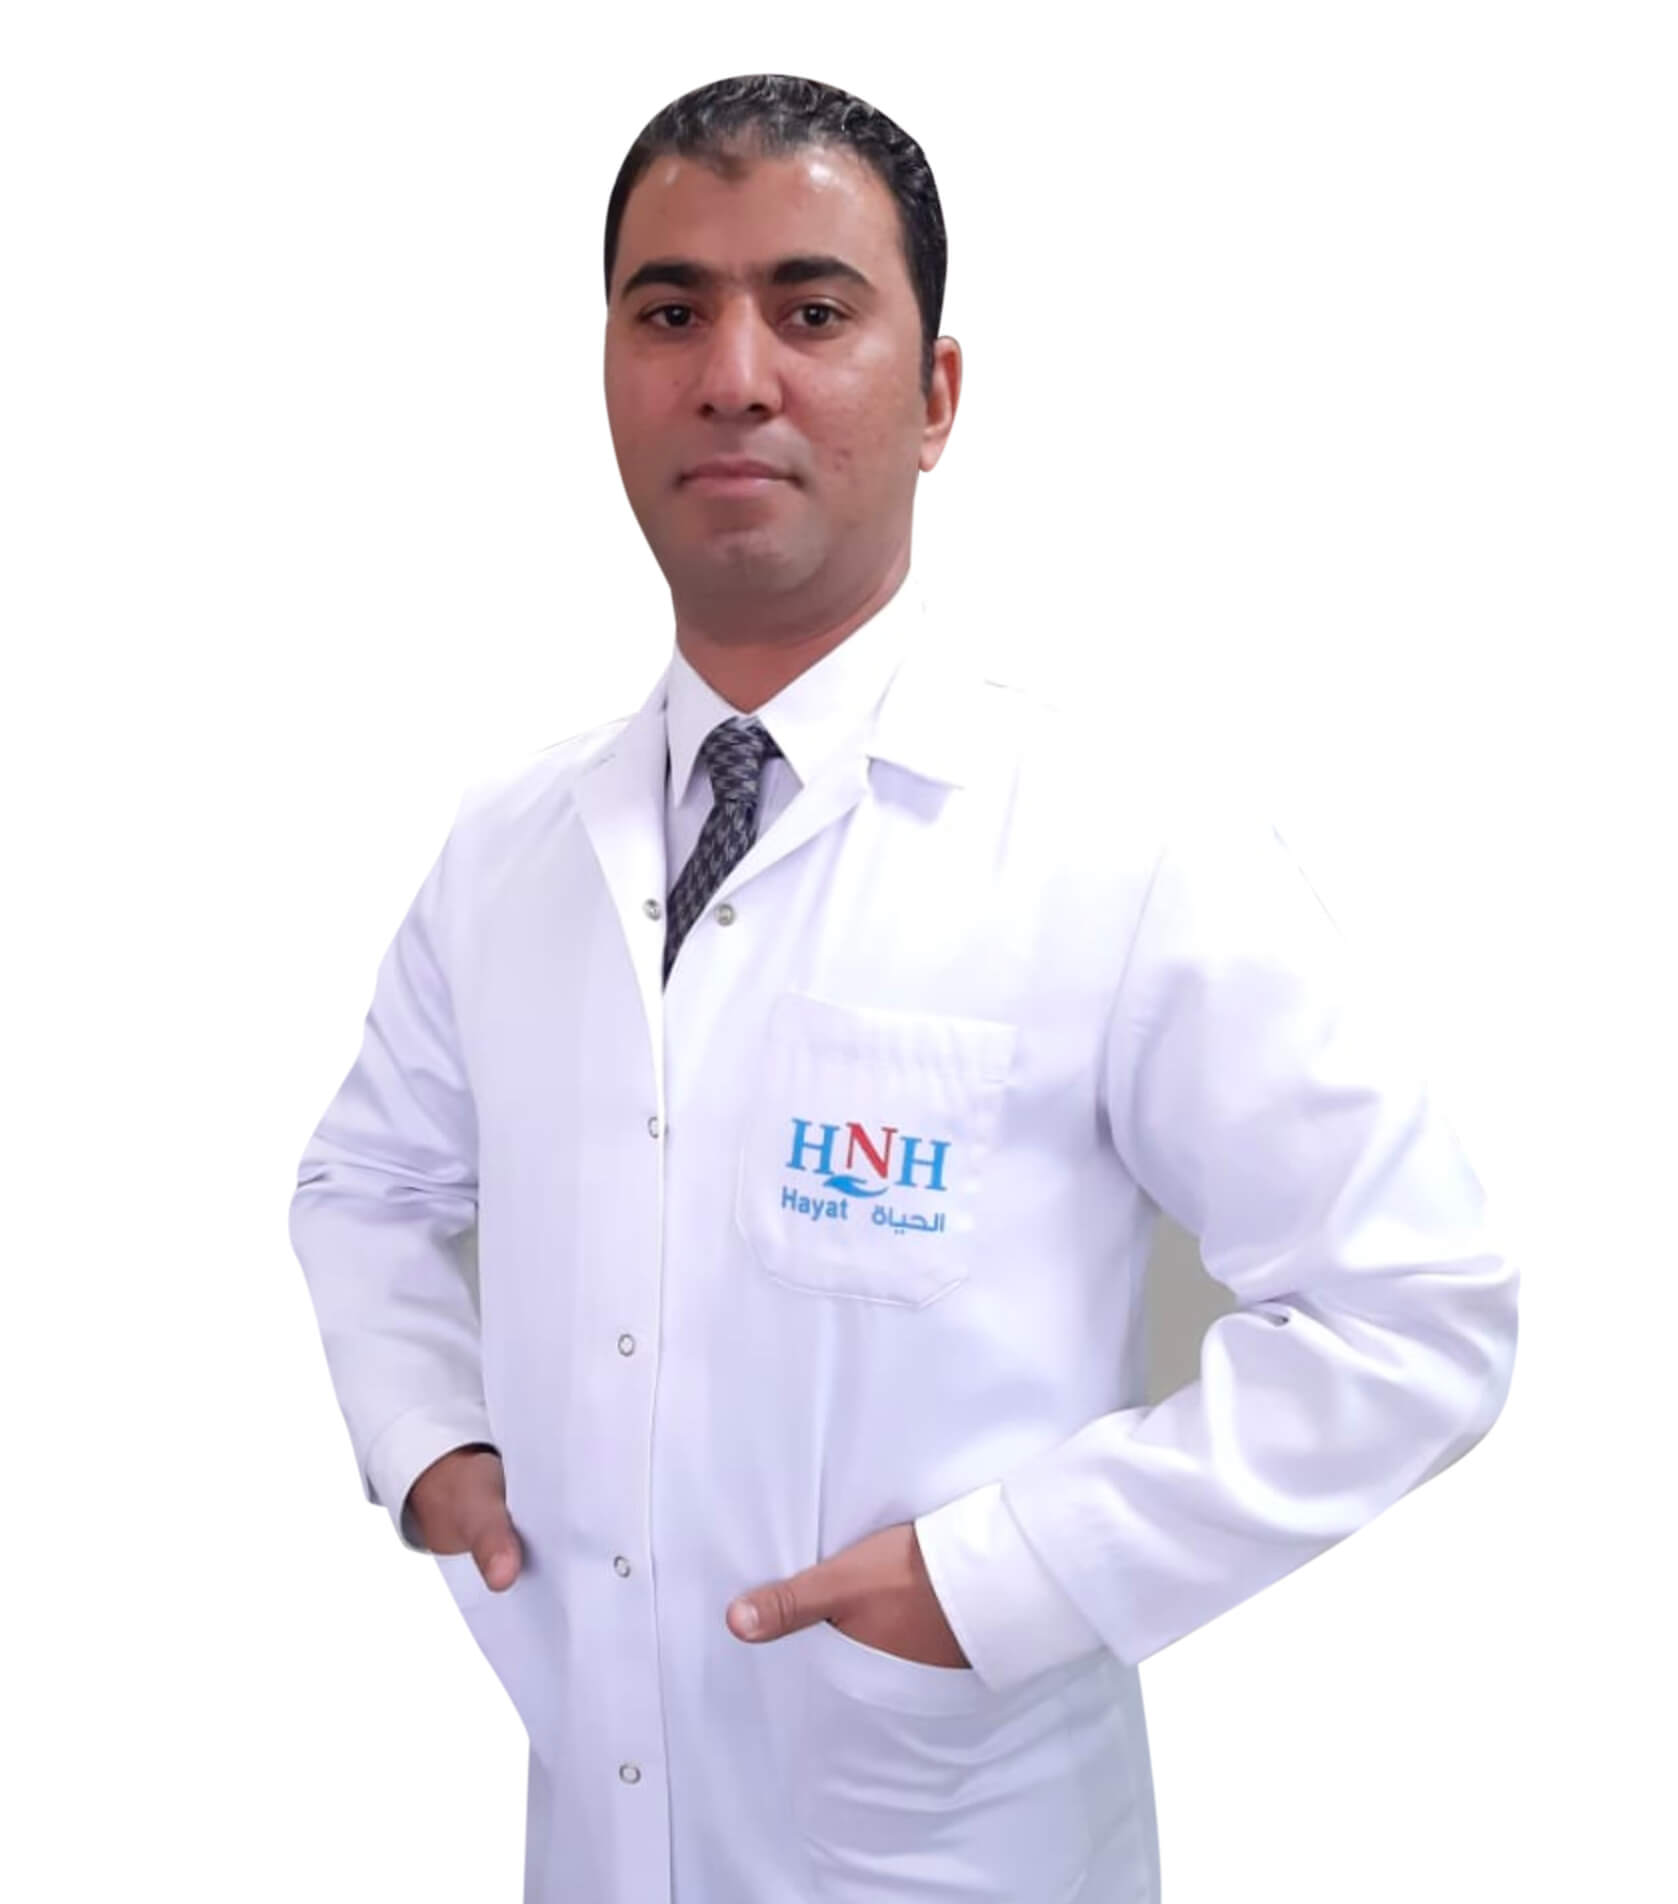 د. احمد السباعيأخصائي طب الاسنان الاطفال | تقويم الاسنان | التهابات الاسنان | تنظيف الاسنان | جير الاسنان